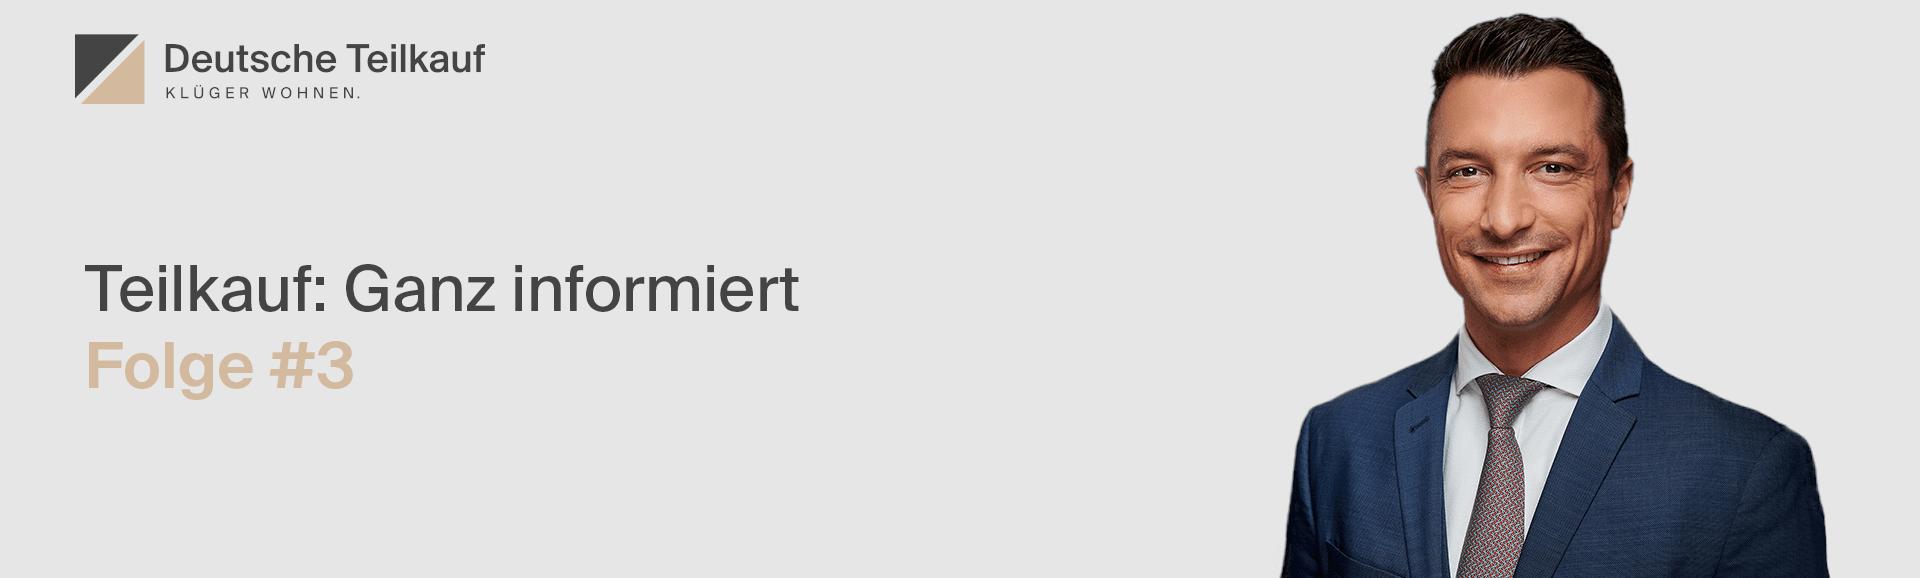 Deutsche Teilkauf: Ganz informiert - Vlog-Folge #3 - Marian Kirchhoff erklärt die Kosten des Teilverkaufsilverkauf